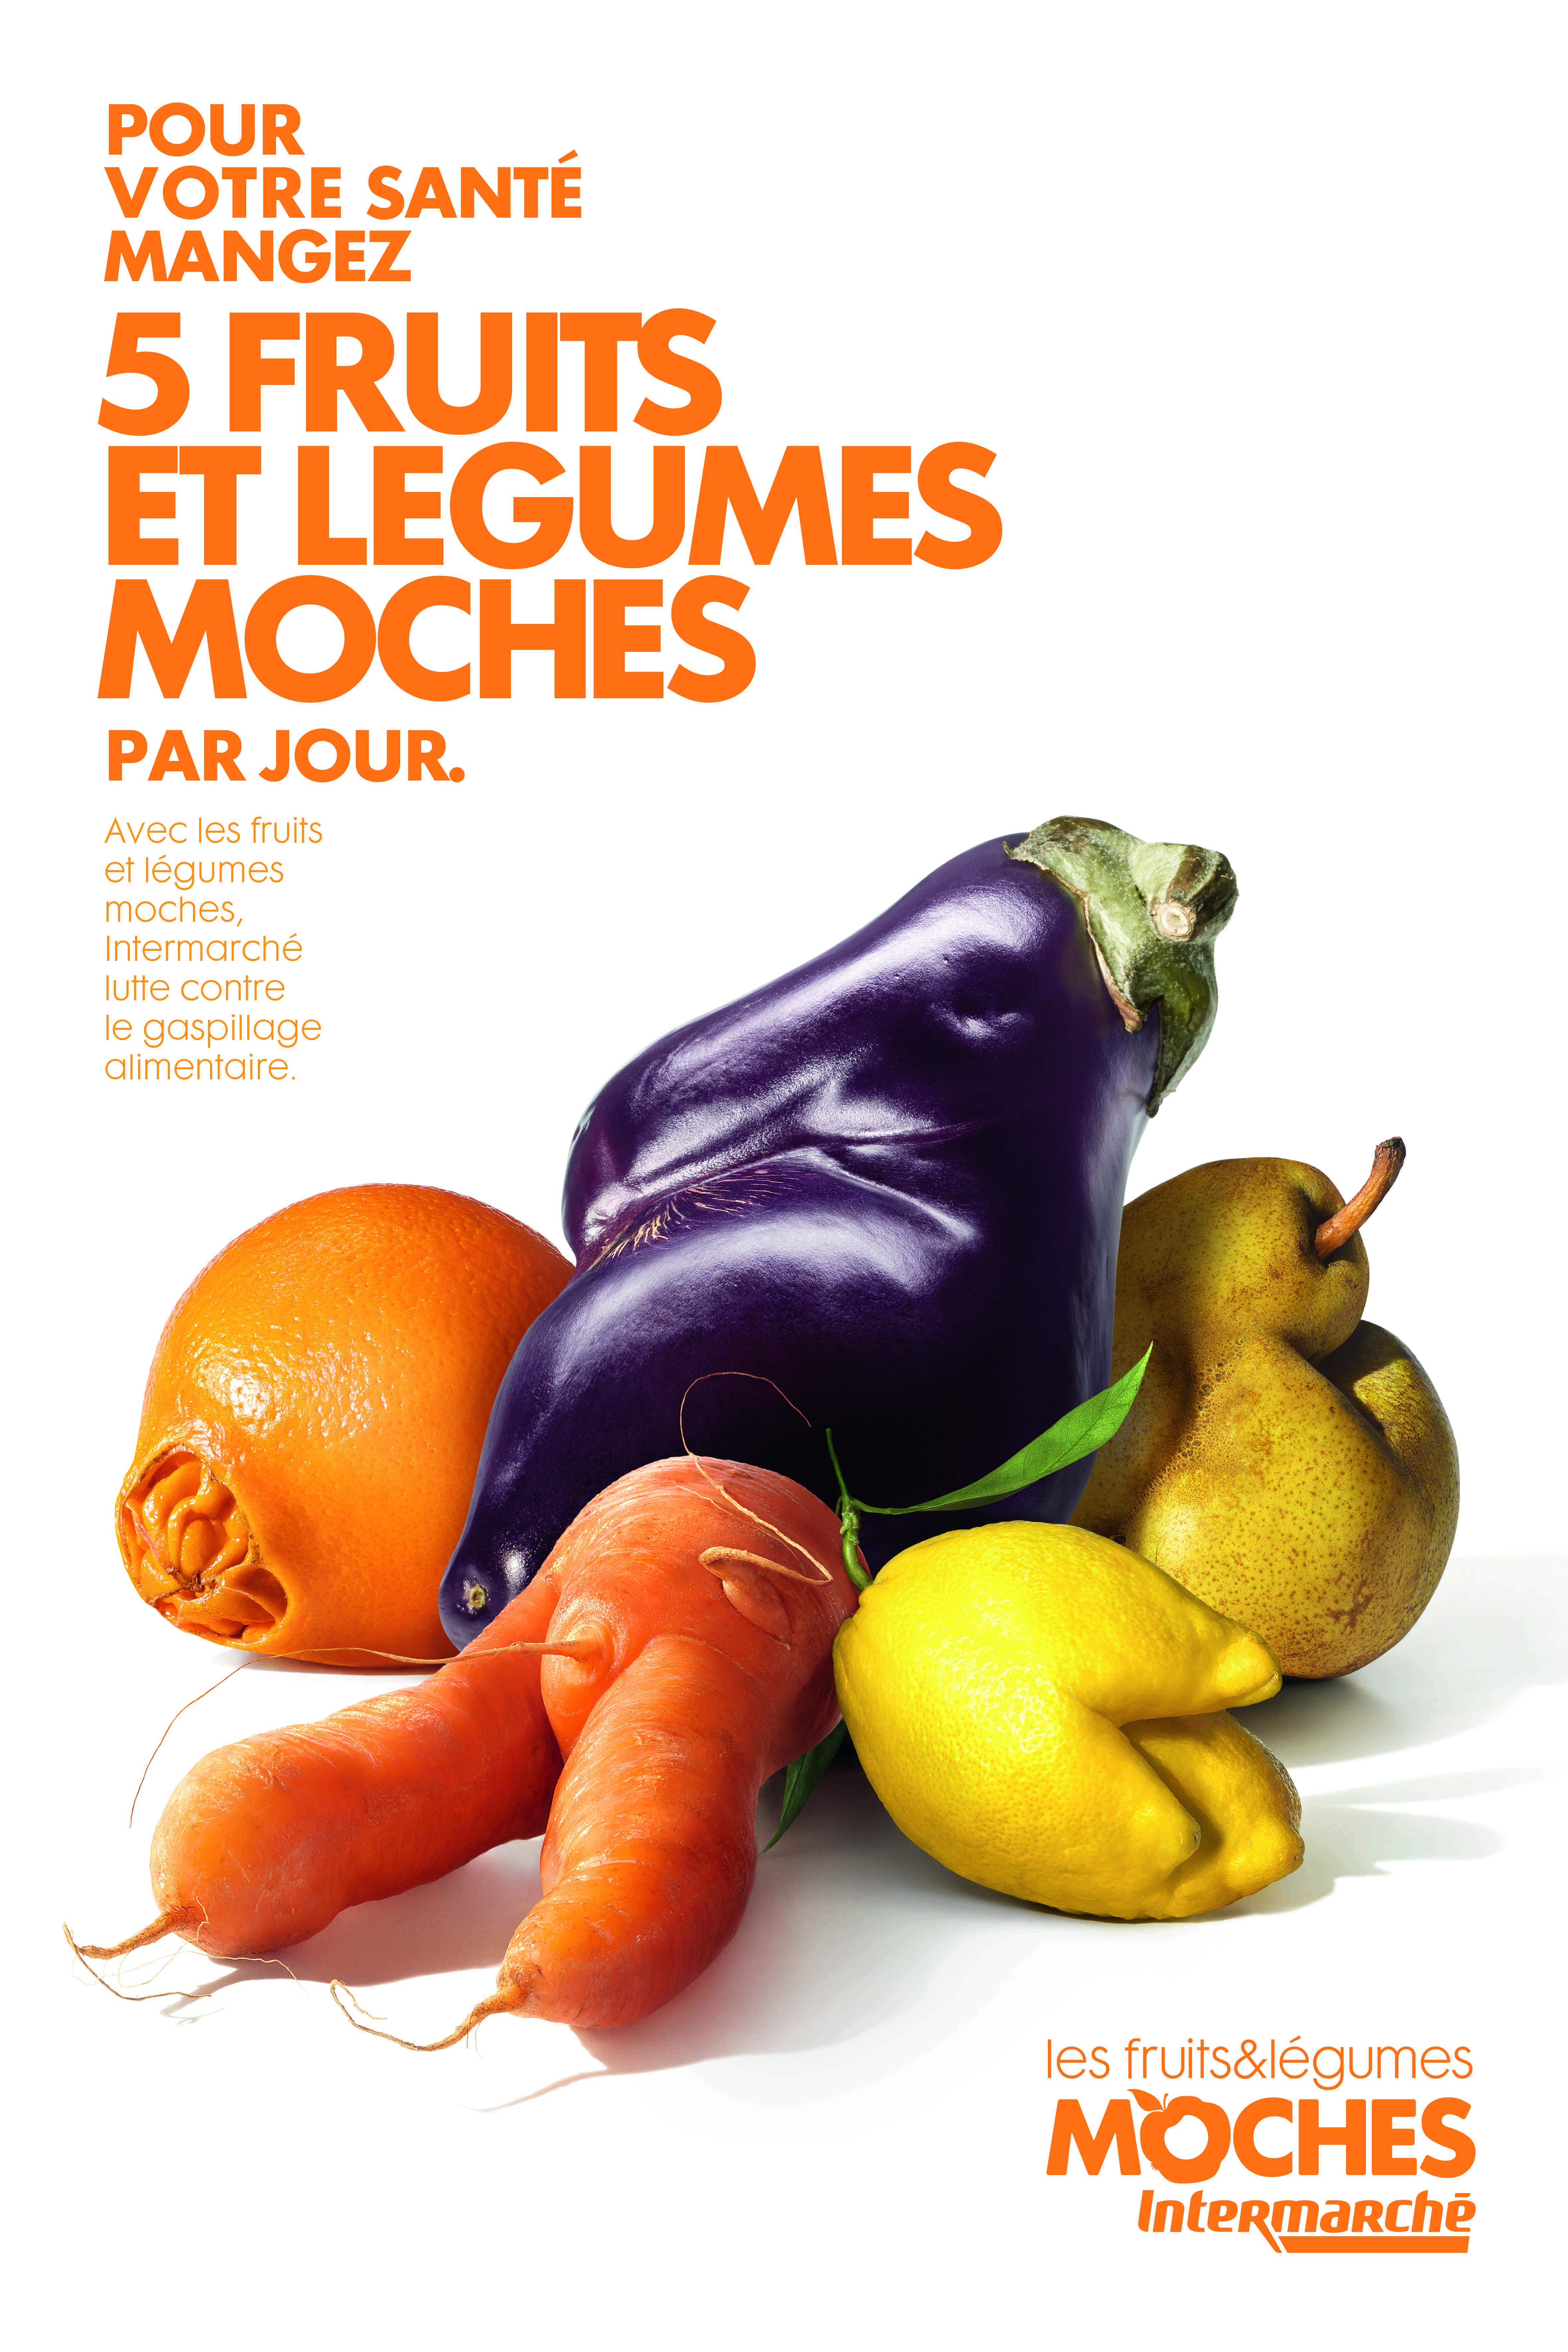 Publicité affichant 5 fruits et légumes moches, créée par l'épicerie française Intermarché